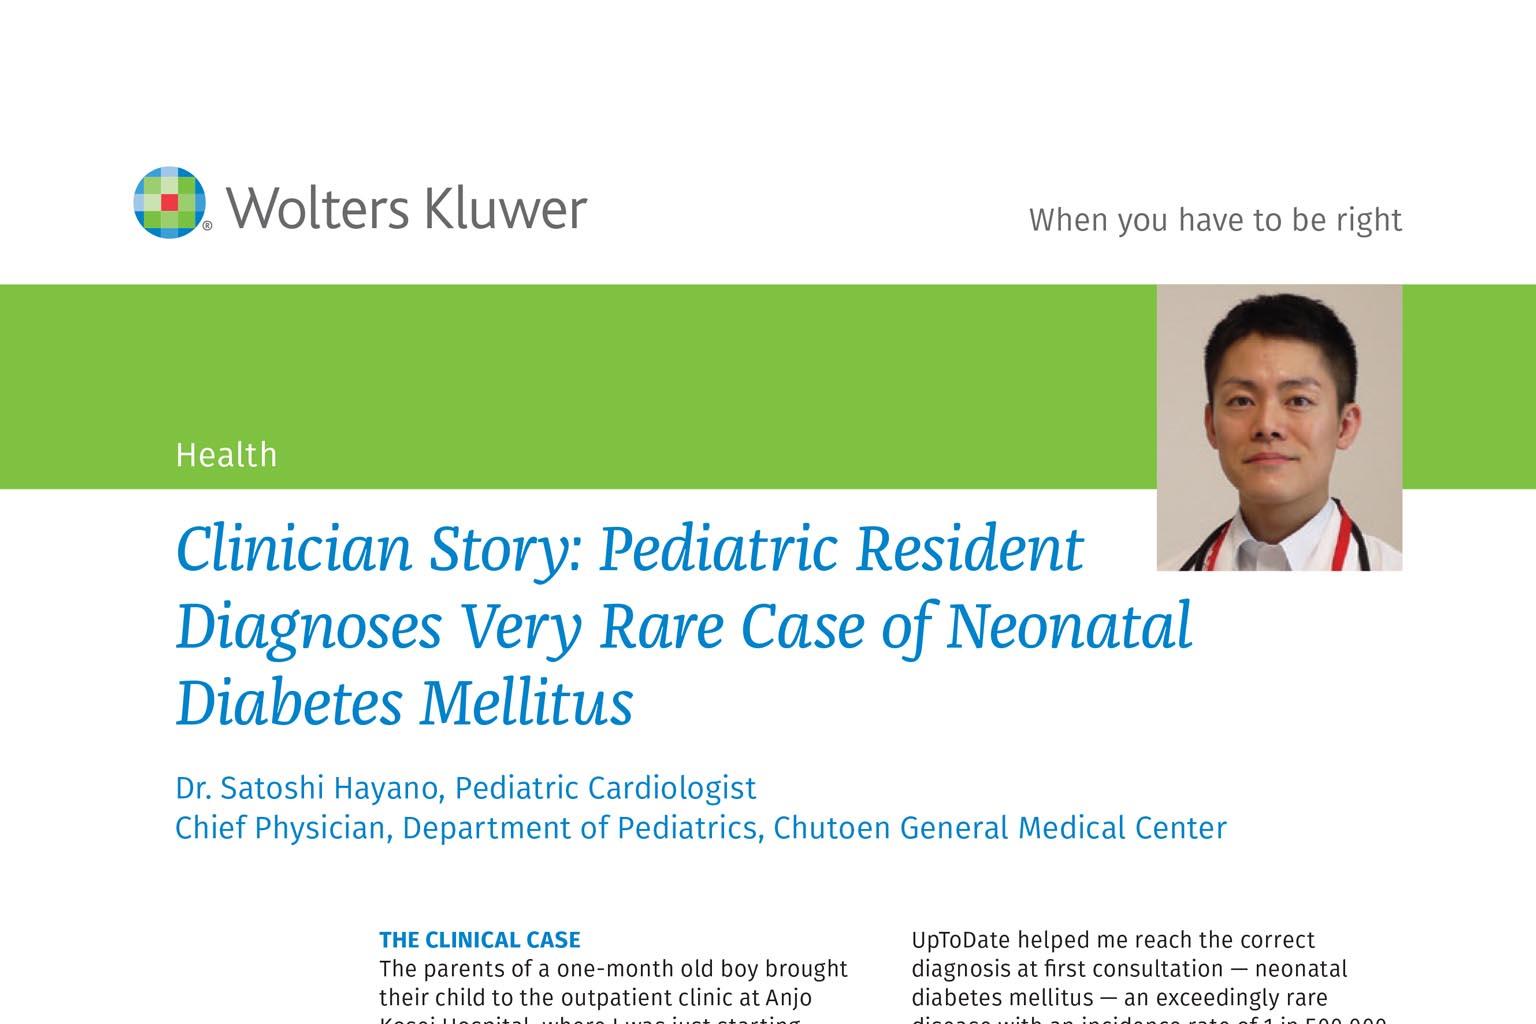 小児科後期研修医時代に希少症例である新生児糖尿病を診断